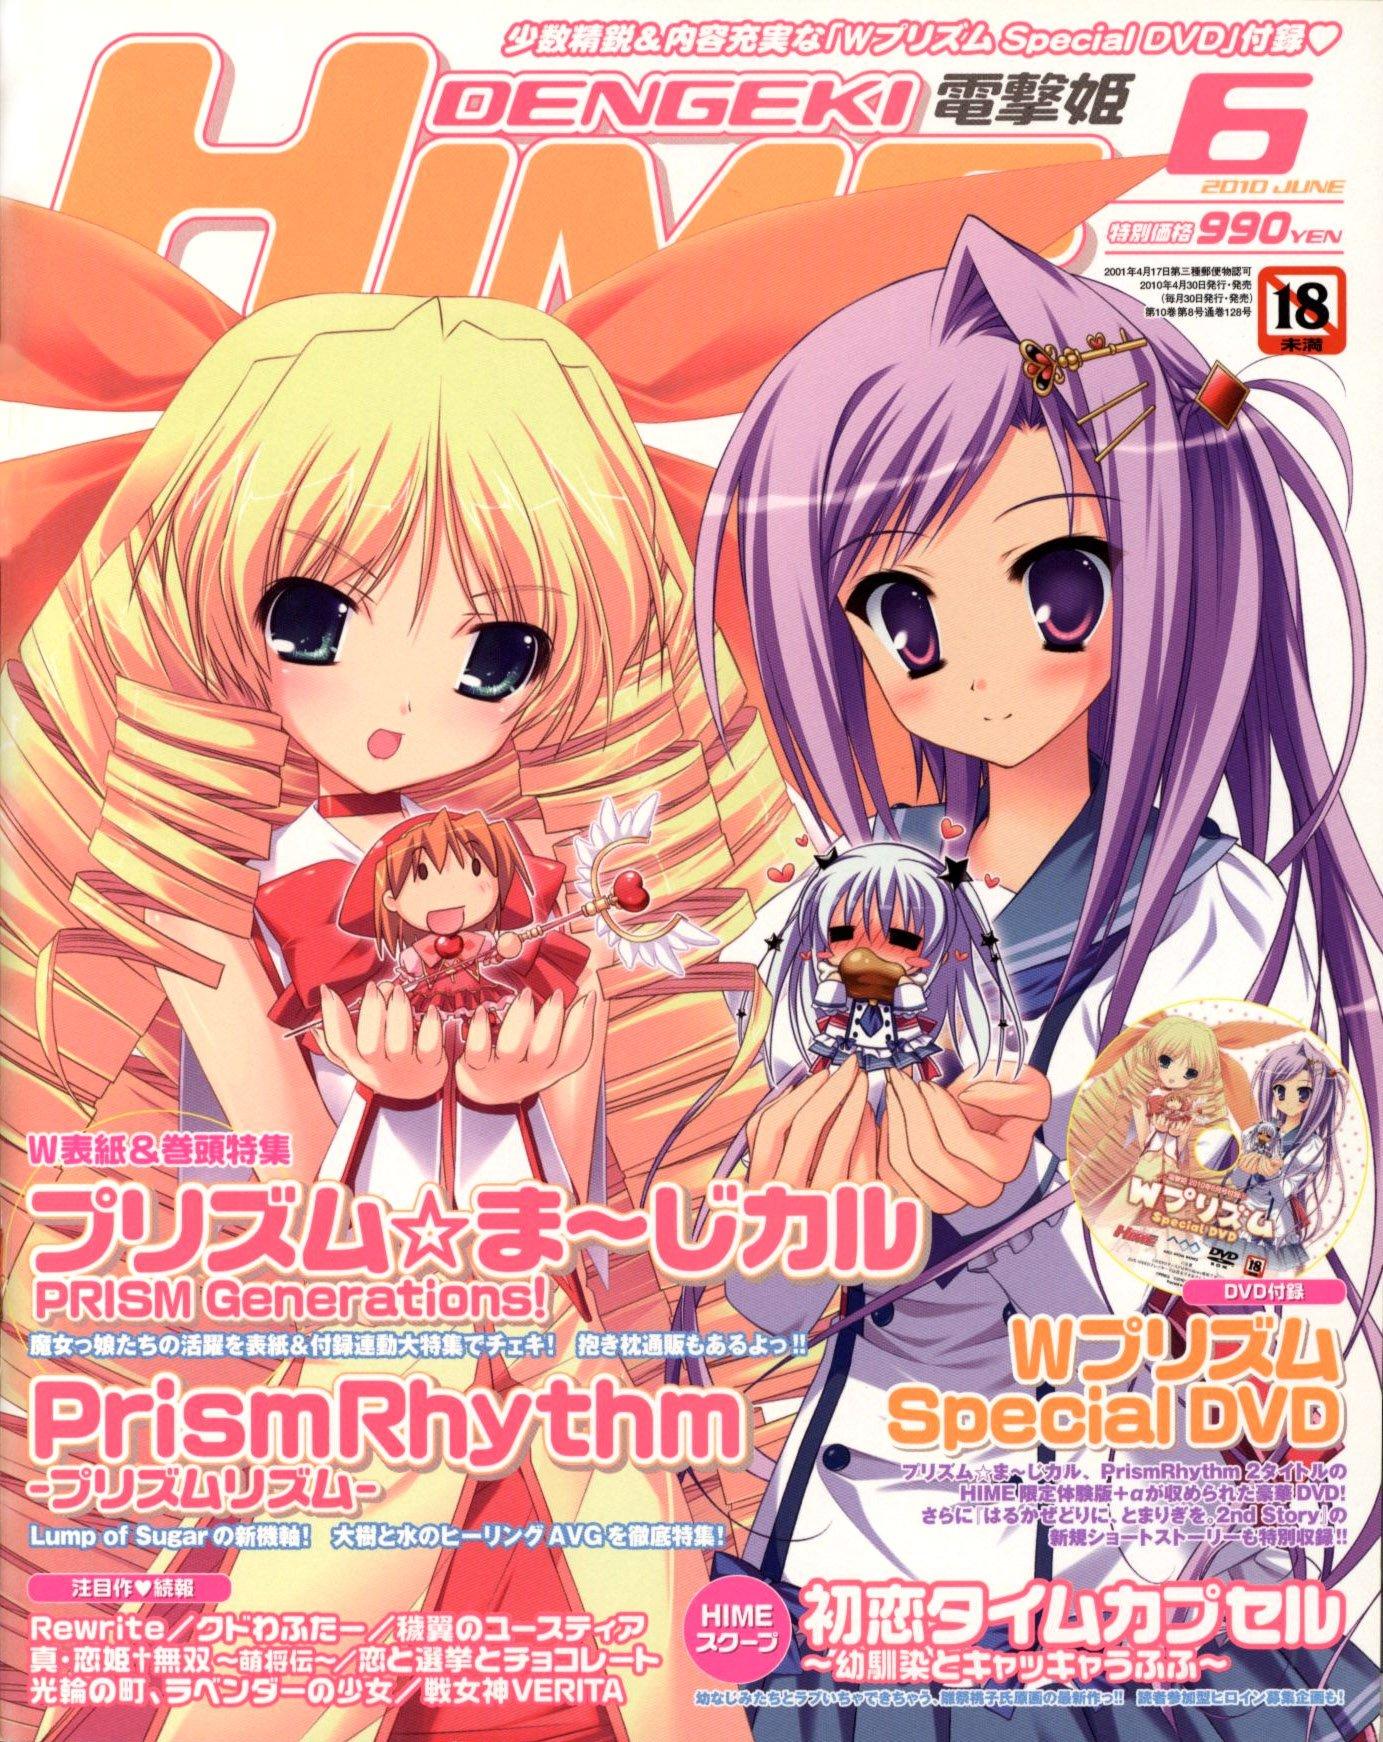 Dengeki Hime Issue 123 (June 2010)